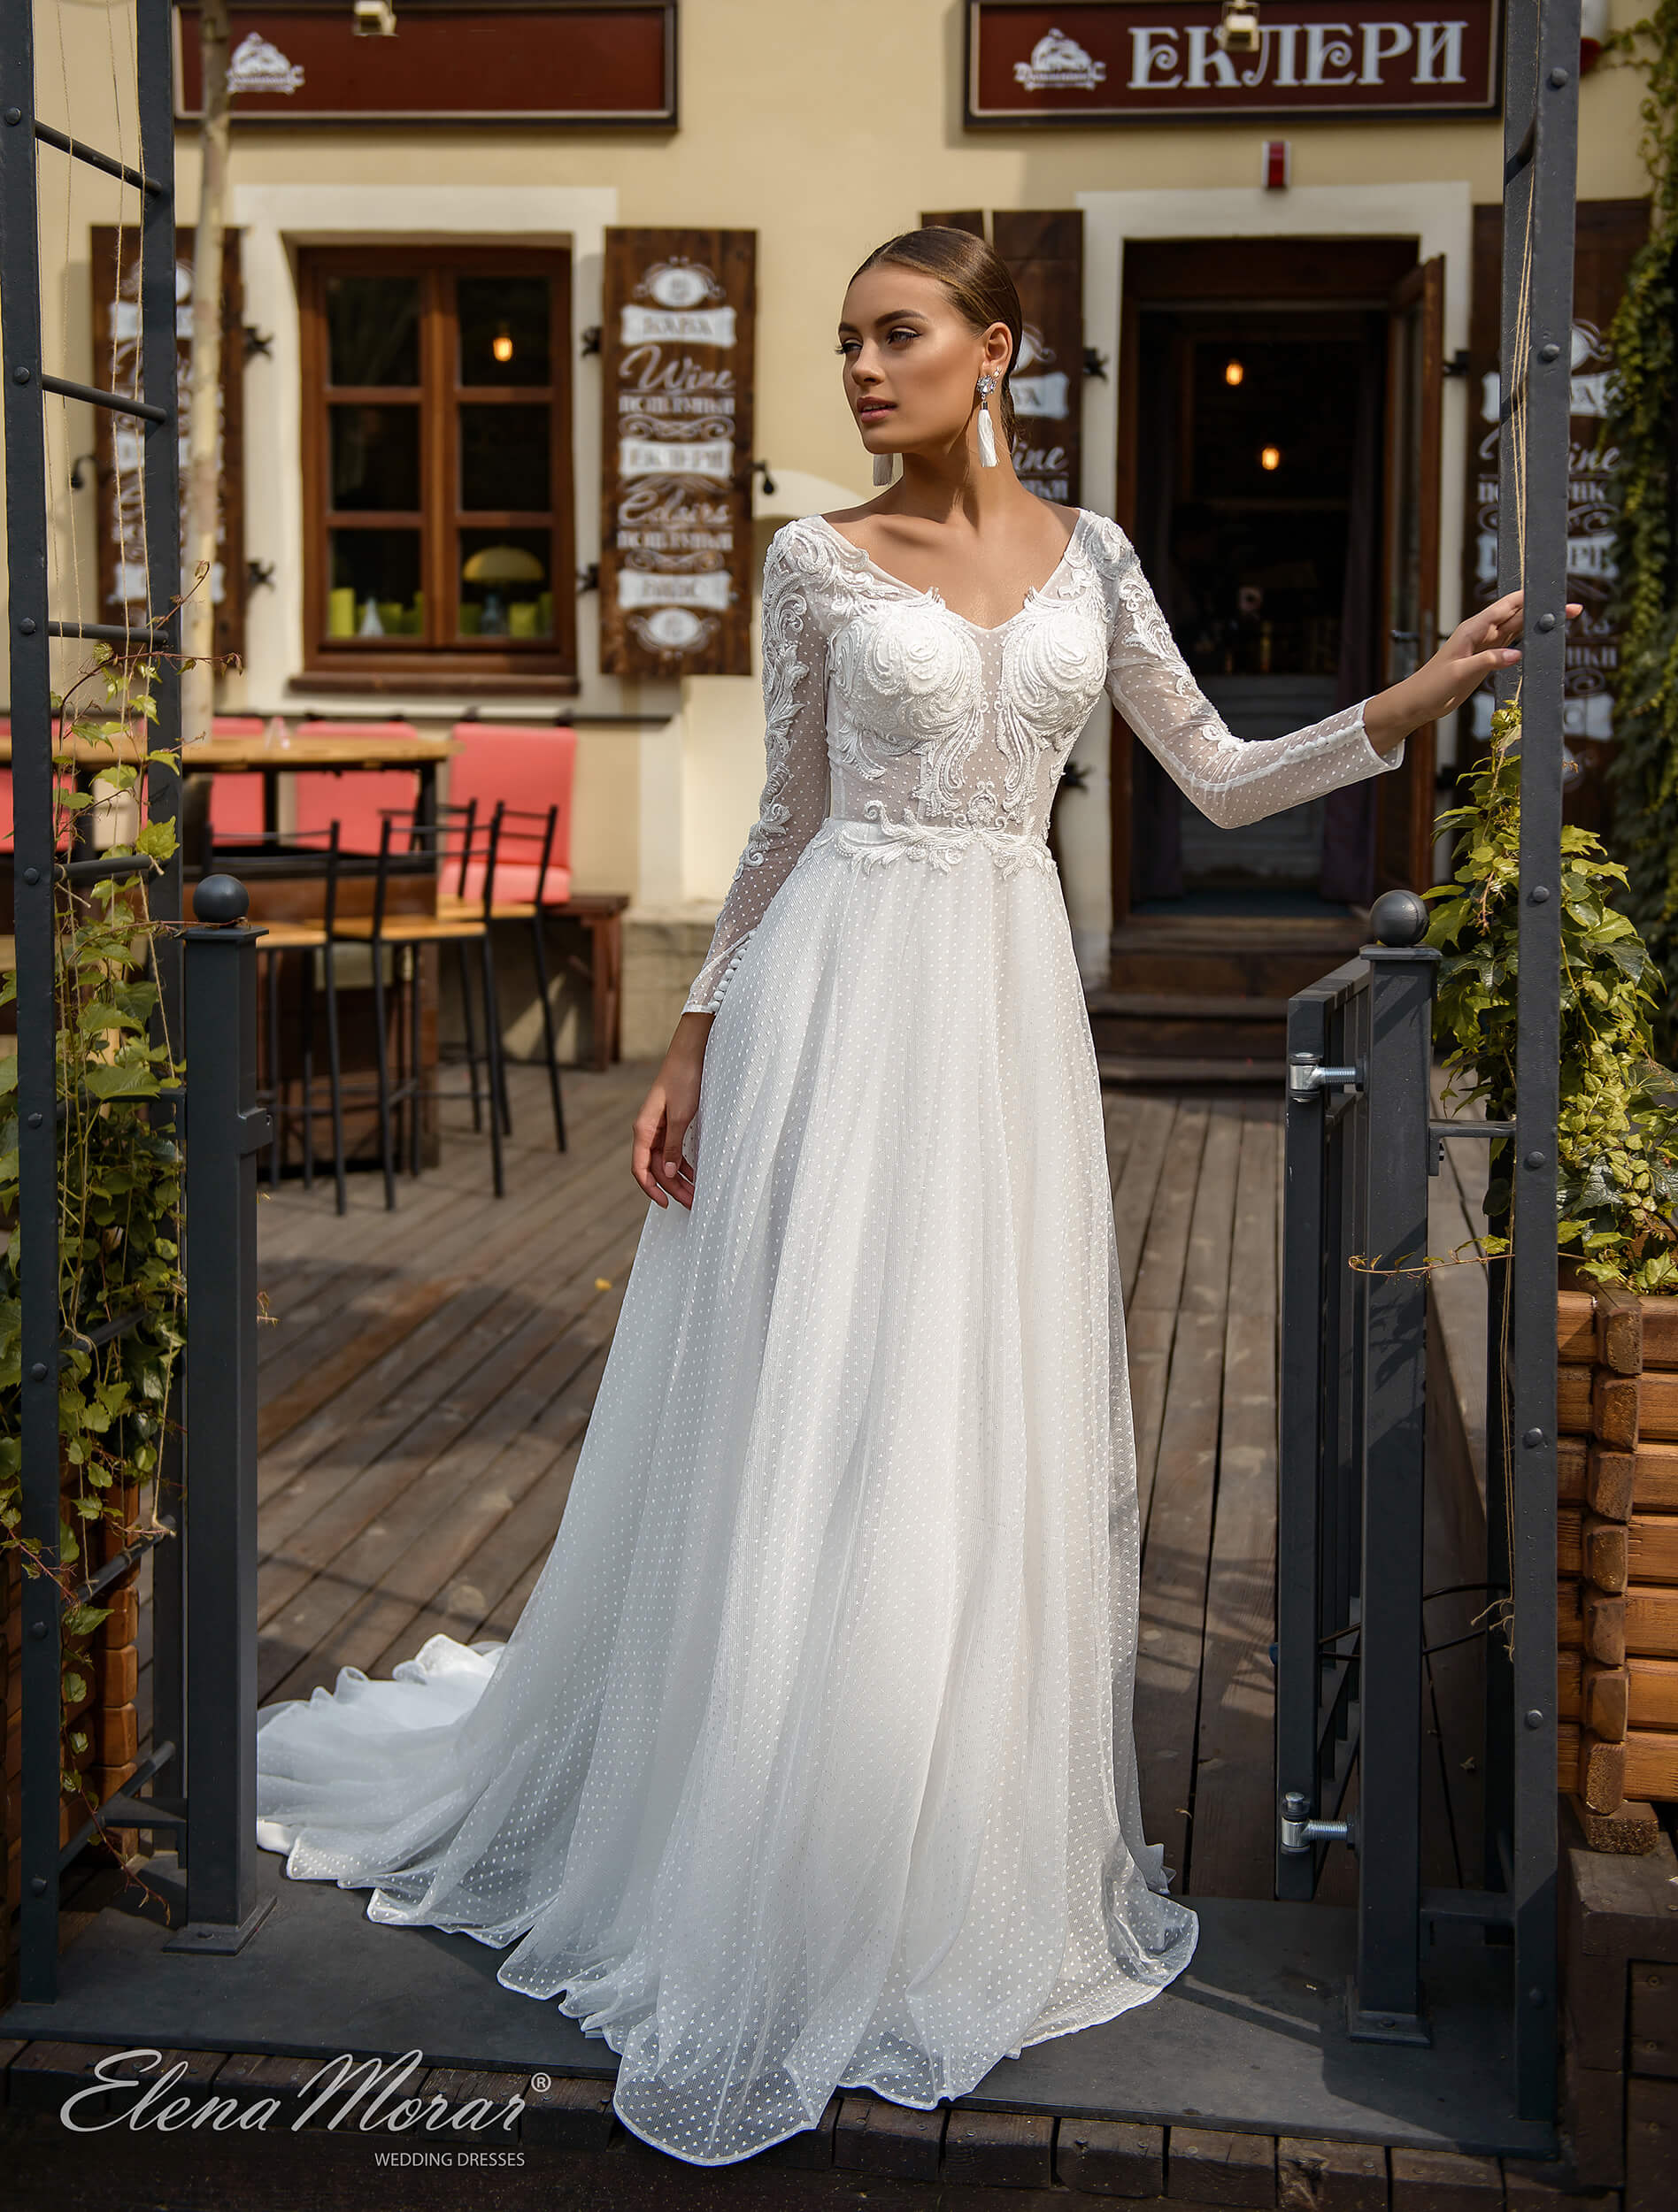 a82a8bff7487e25 прямые свадебные платья с длинным рукавом (1) | Vero